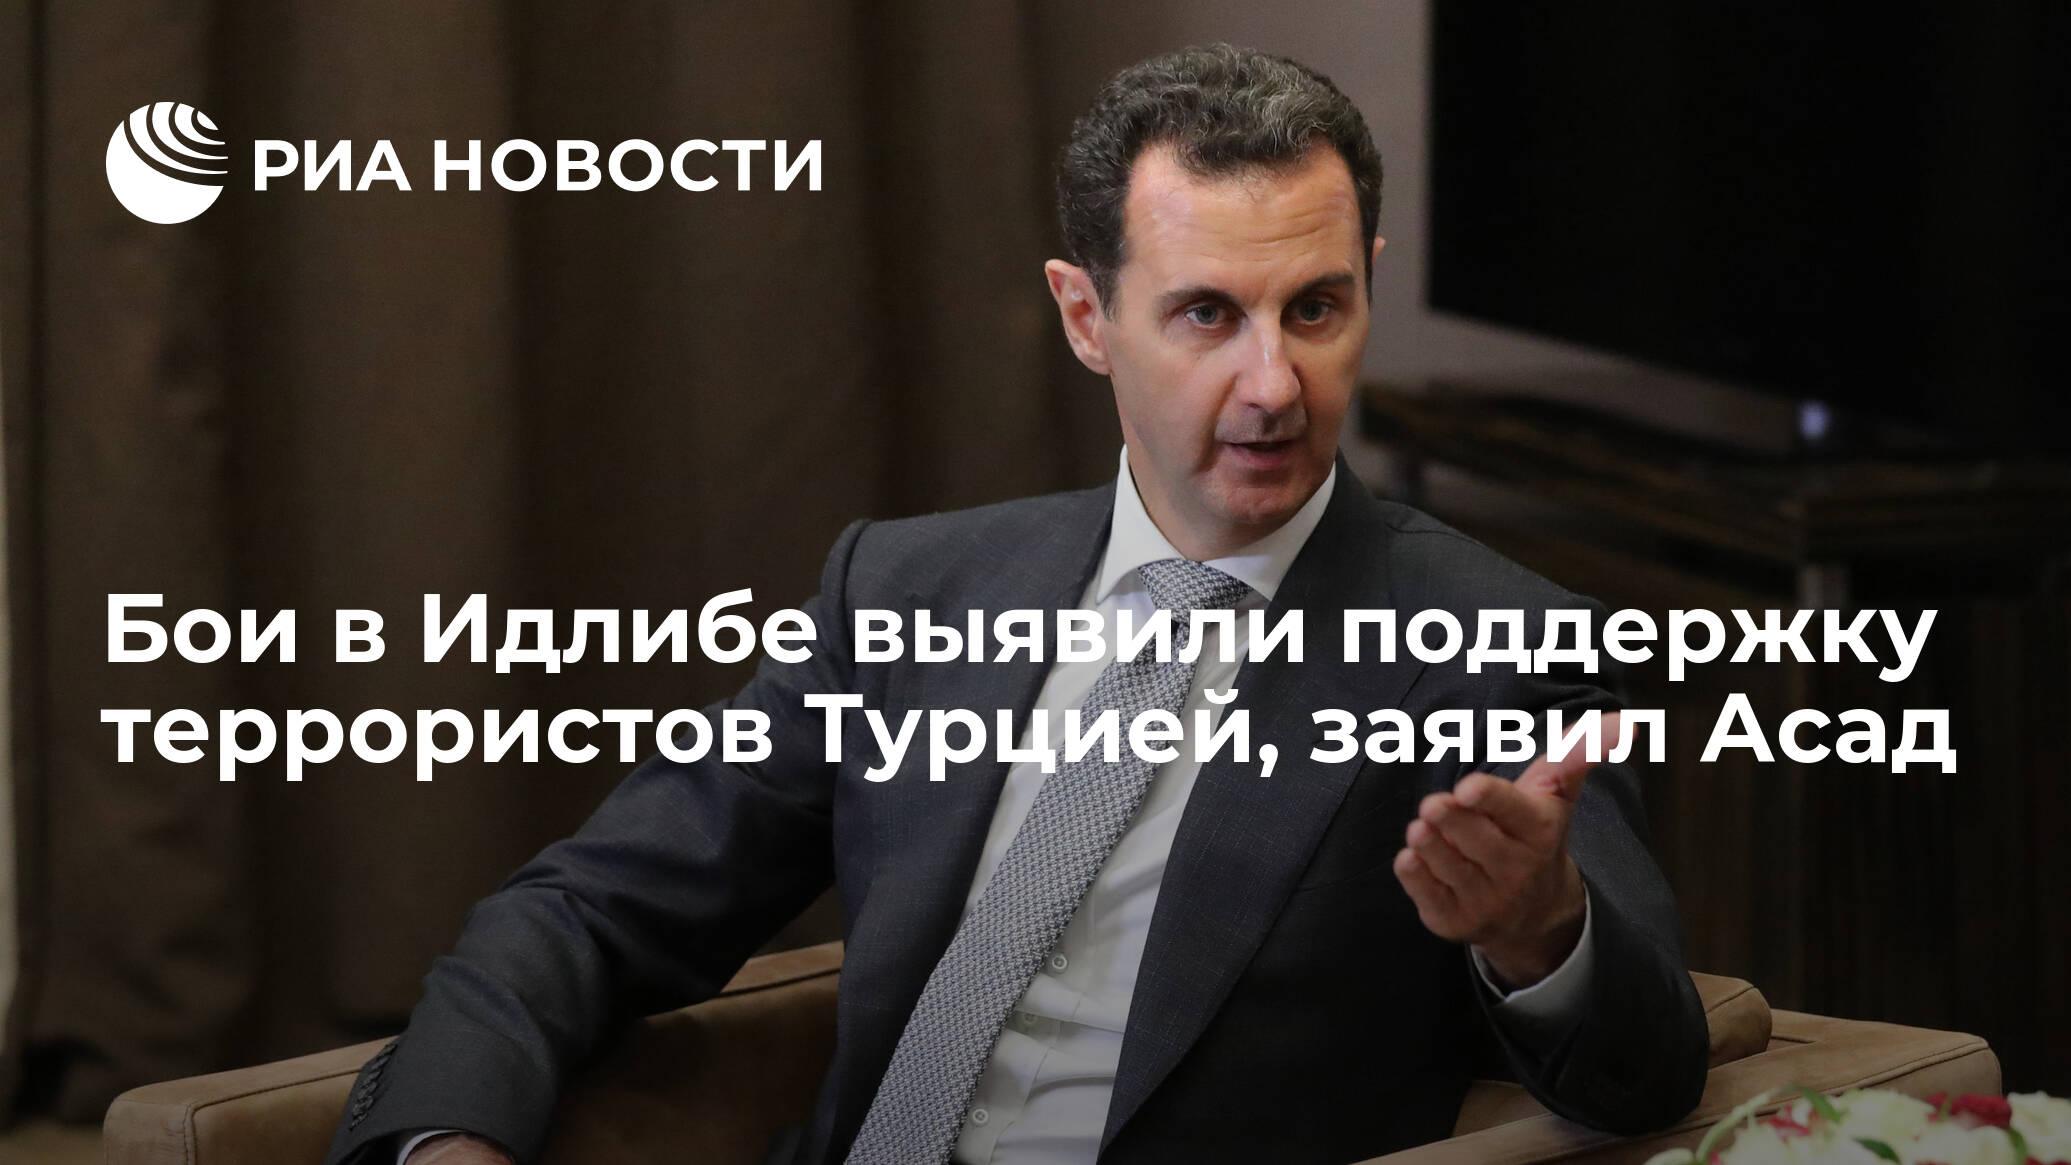 Бои в Идлибе выявили поддержку террористов Турцией, заявил Асад